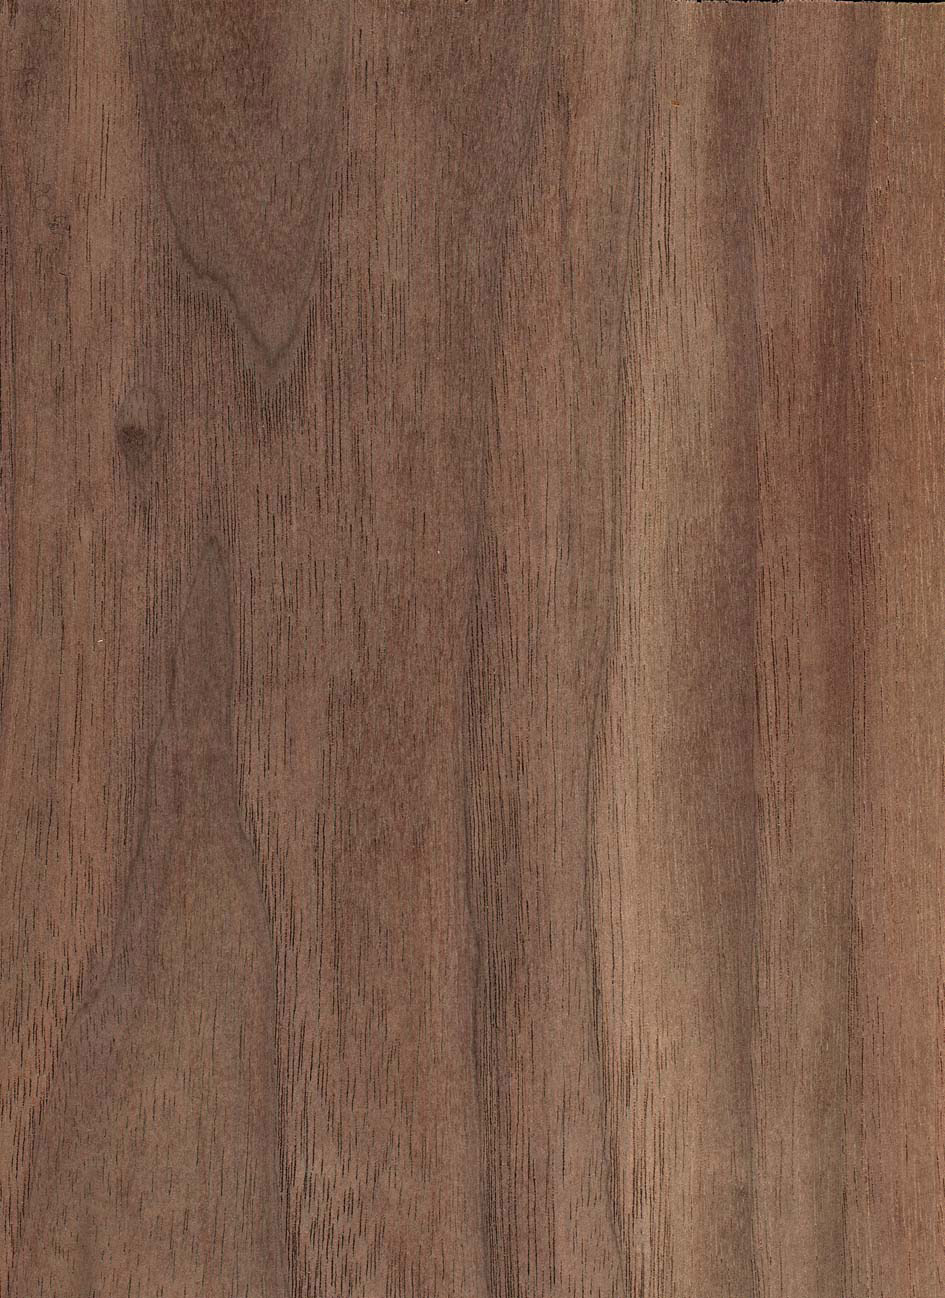 Beliebt Nussbaum - Merkmale & Eigenschaften - Holz vom Fach FD85